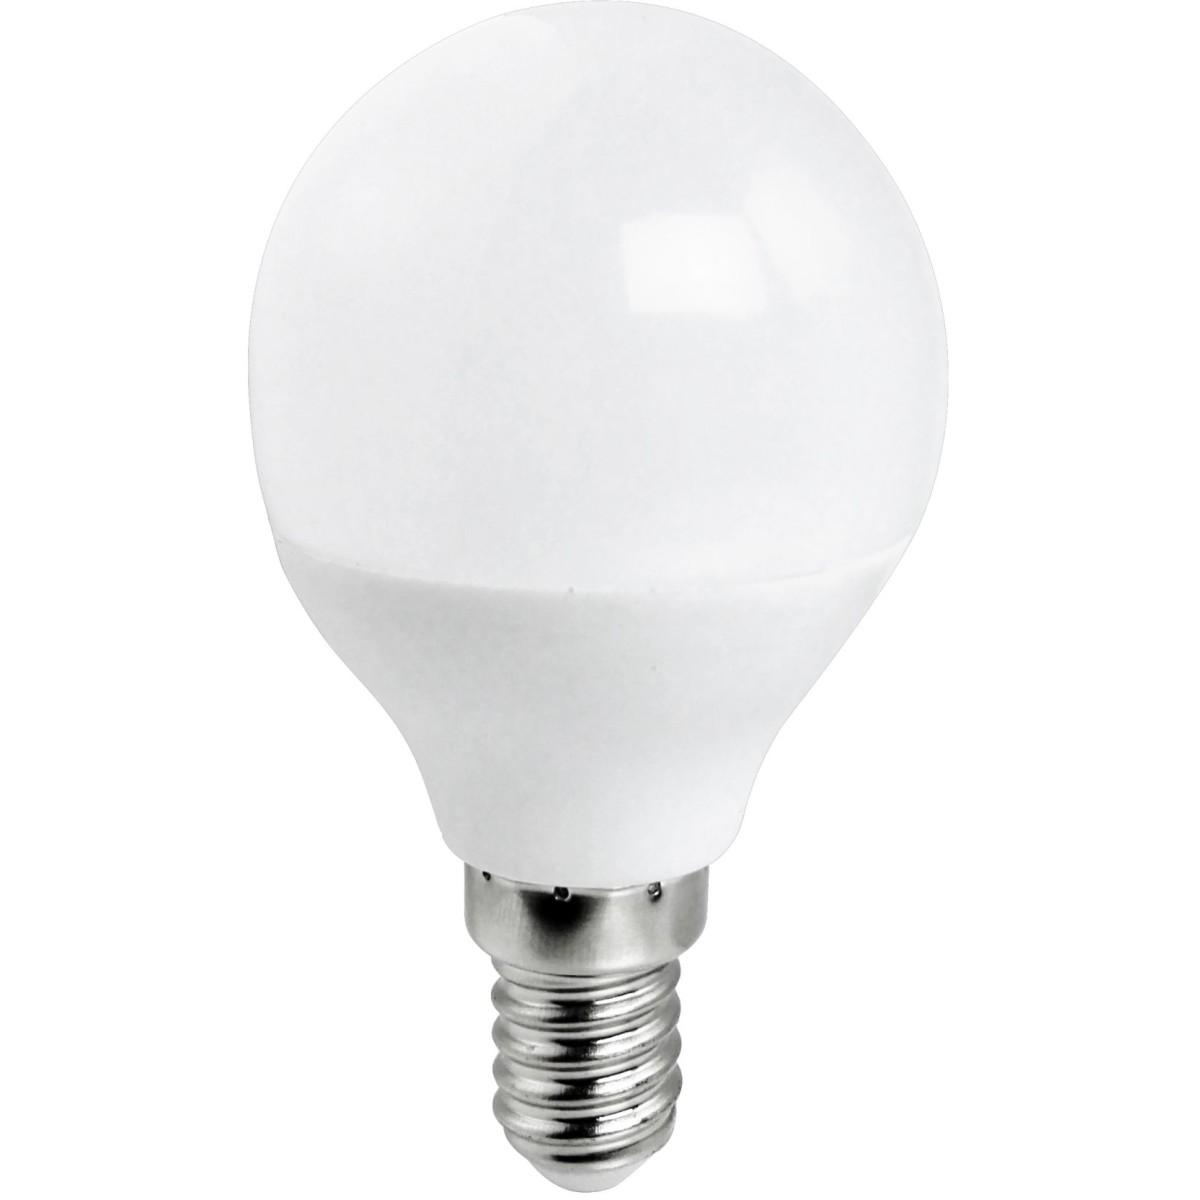 Лампа Ecola light E14 7 Вт шар 560 Лм нейтральный 4 шт